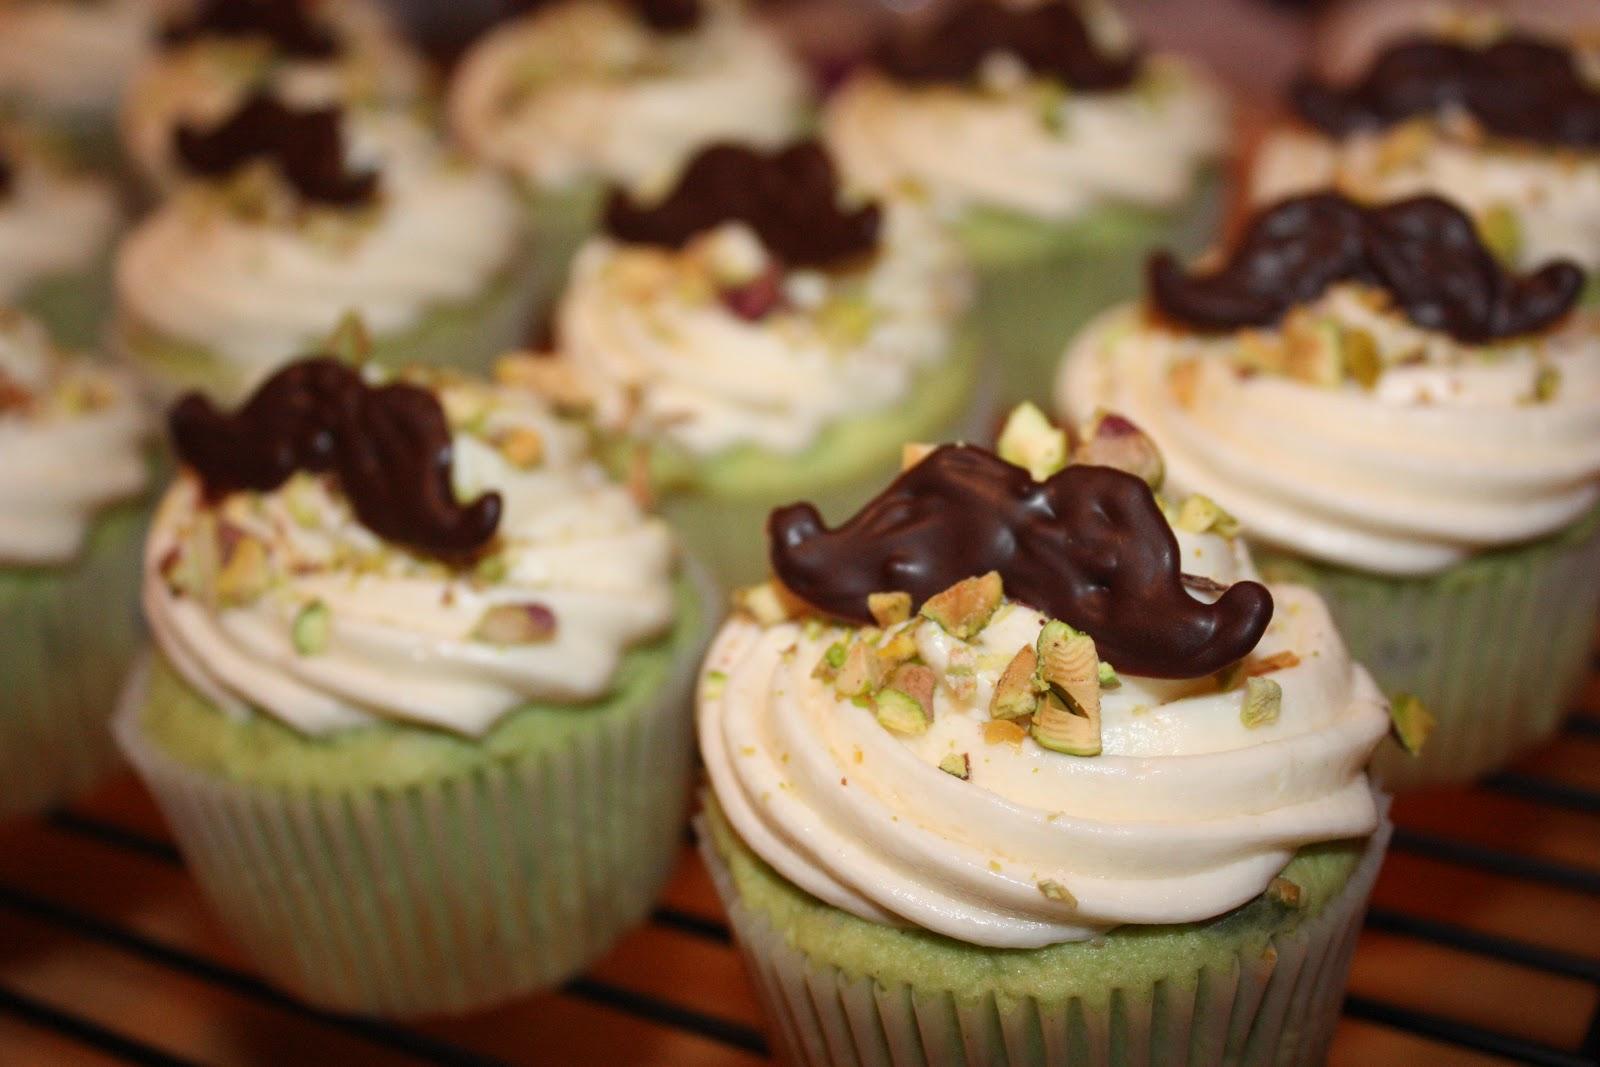 Sugar & Spice: Mustachio Pistachio Cupcakes